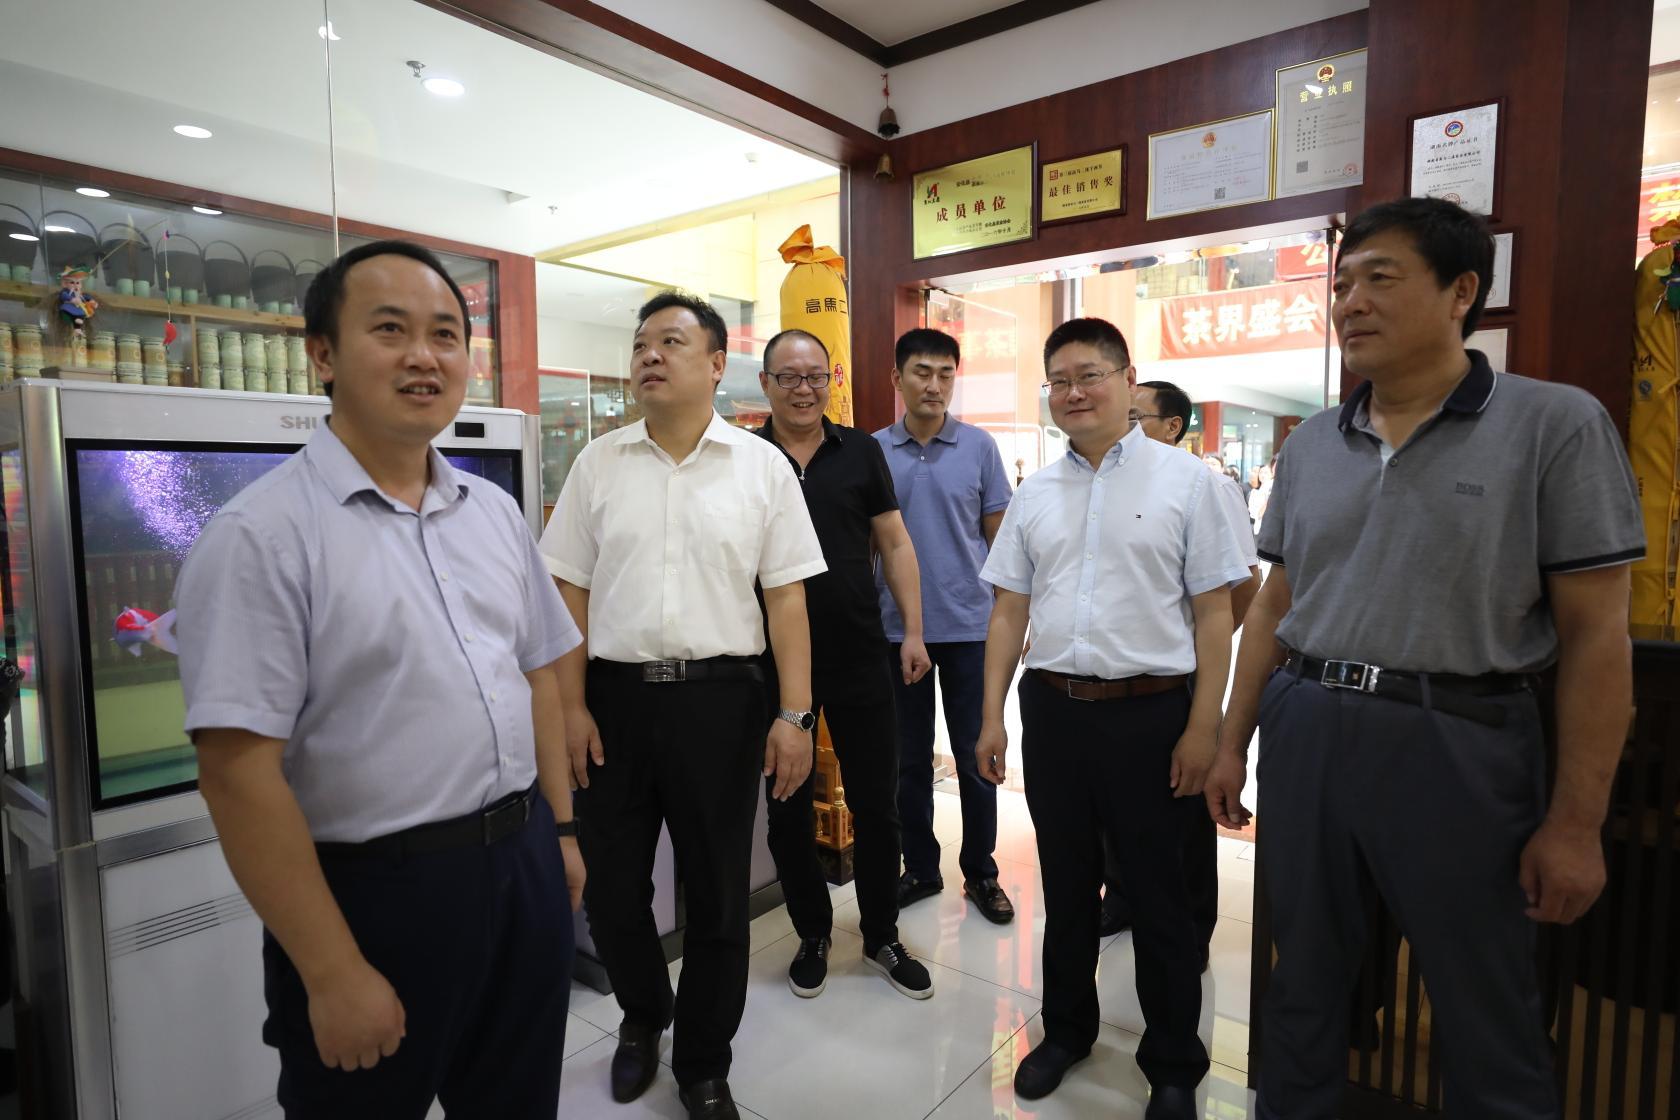 """""""江北第一茶市""""迎来湘西客人 古丈考察团:看到了古丈茶扩大名声的曙光"""